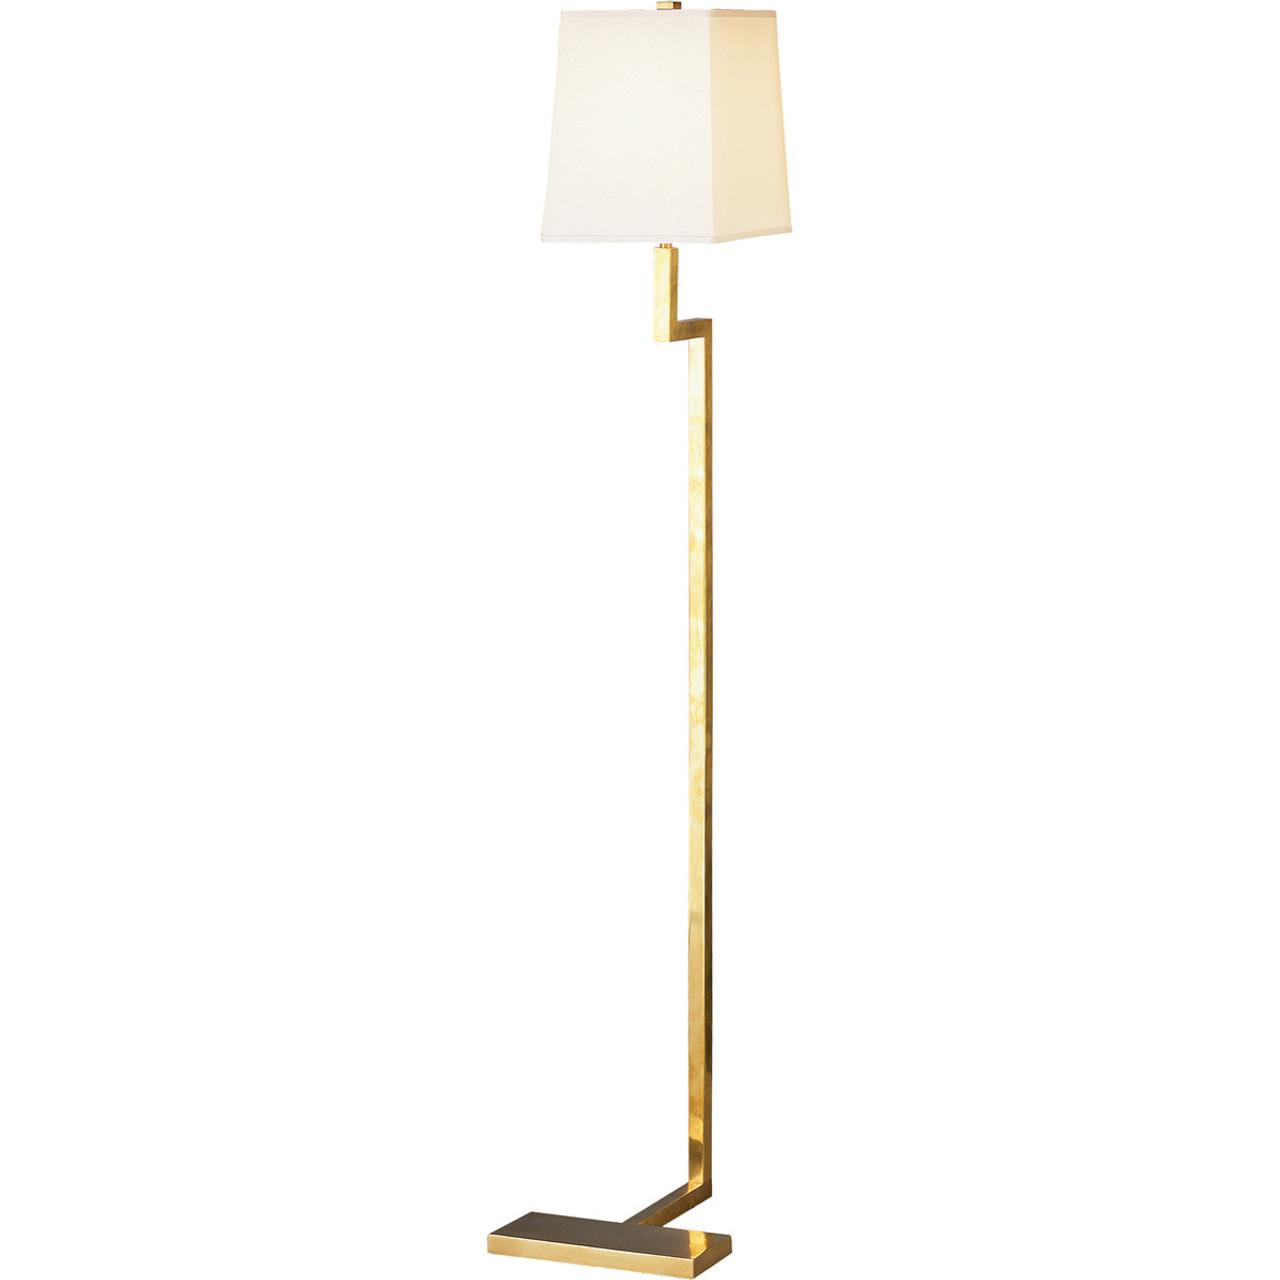 robert abbey doughnut floor lamp in natural brass 149